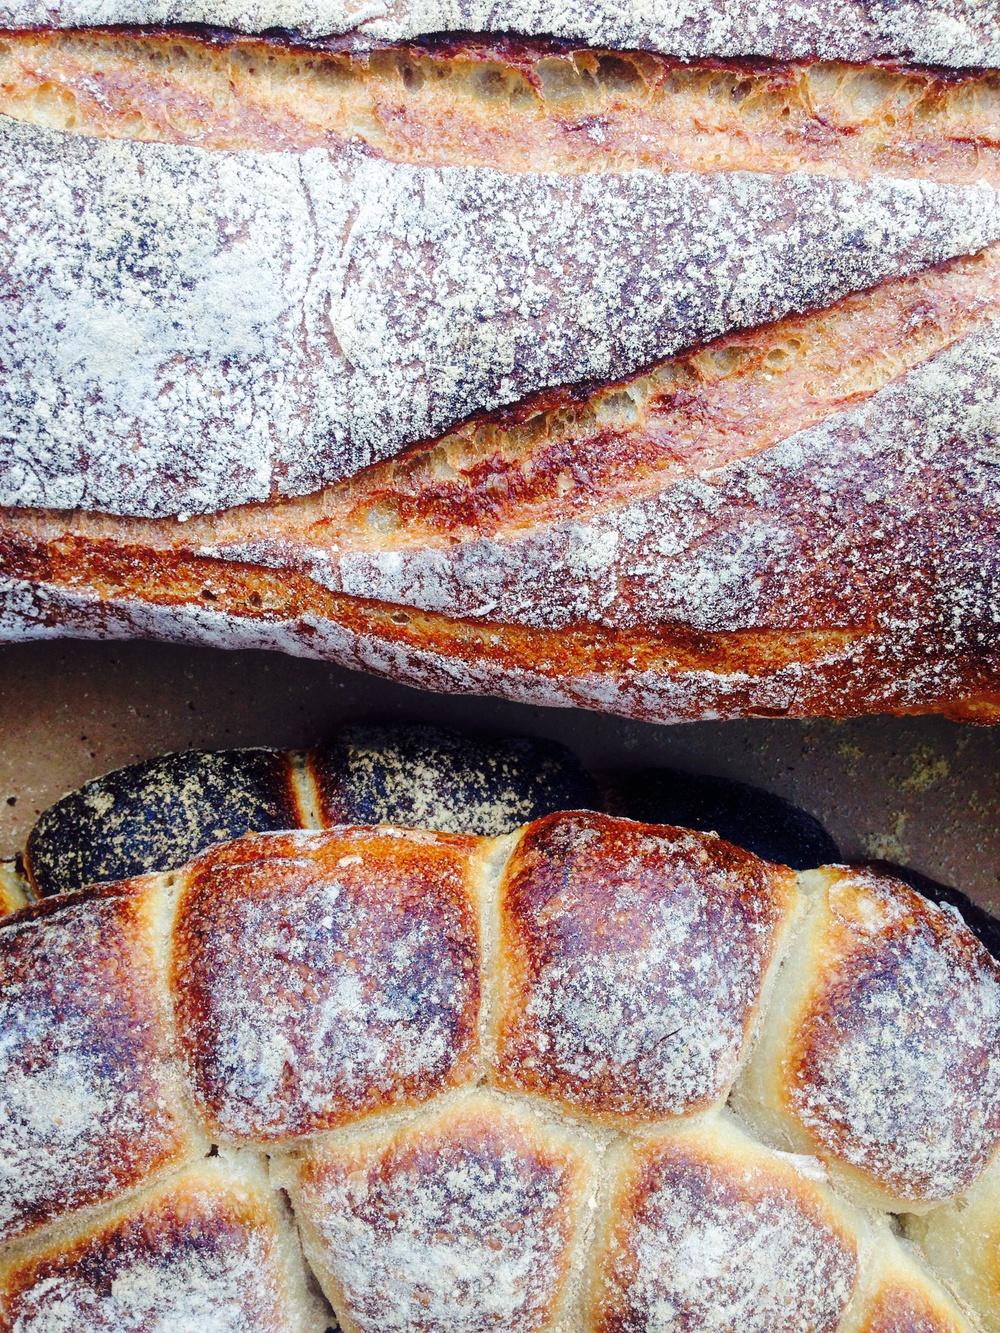 Gorgeous handmade bread in Boston, Massachusetts